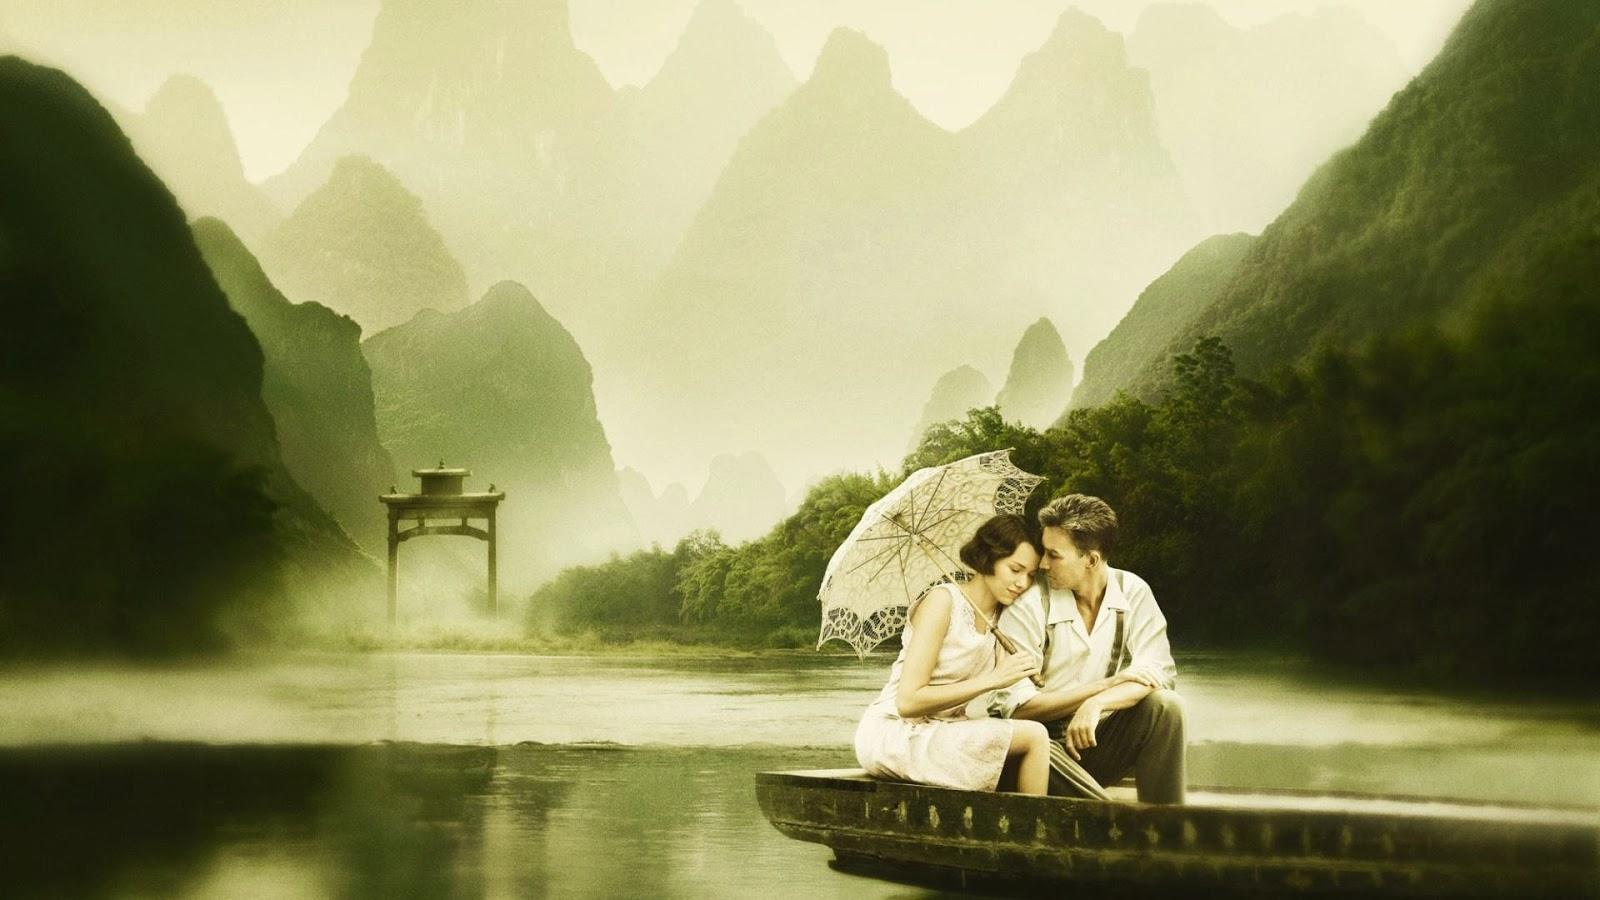 Lovers-couples-at-park-river-stream-fog.jpg